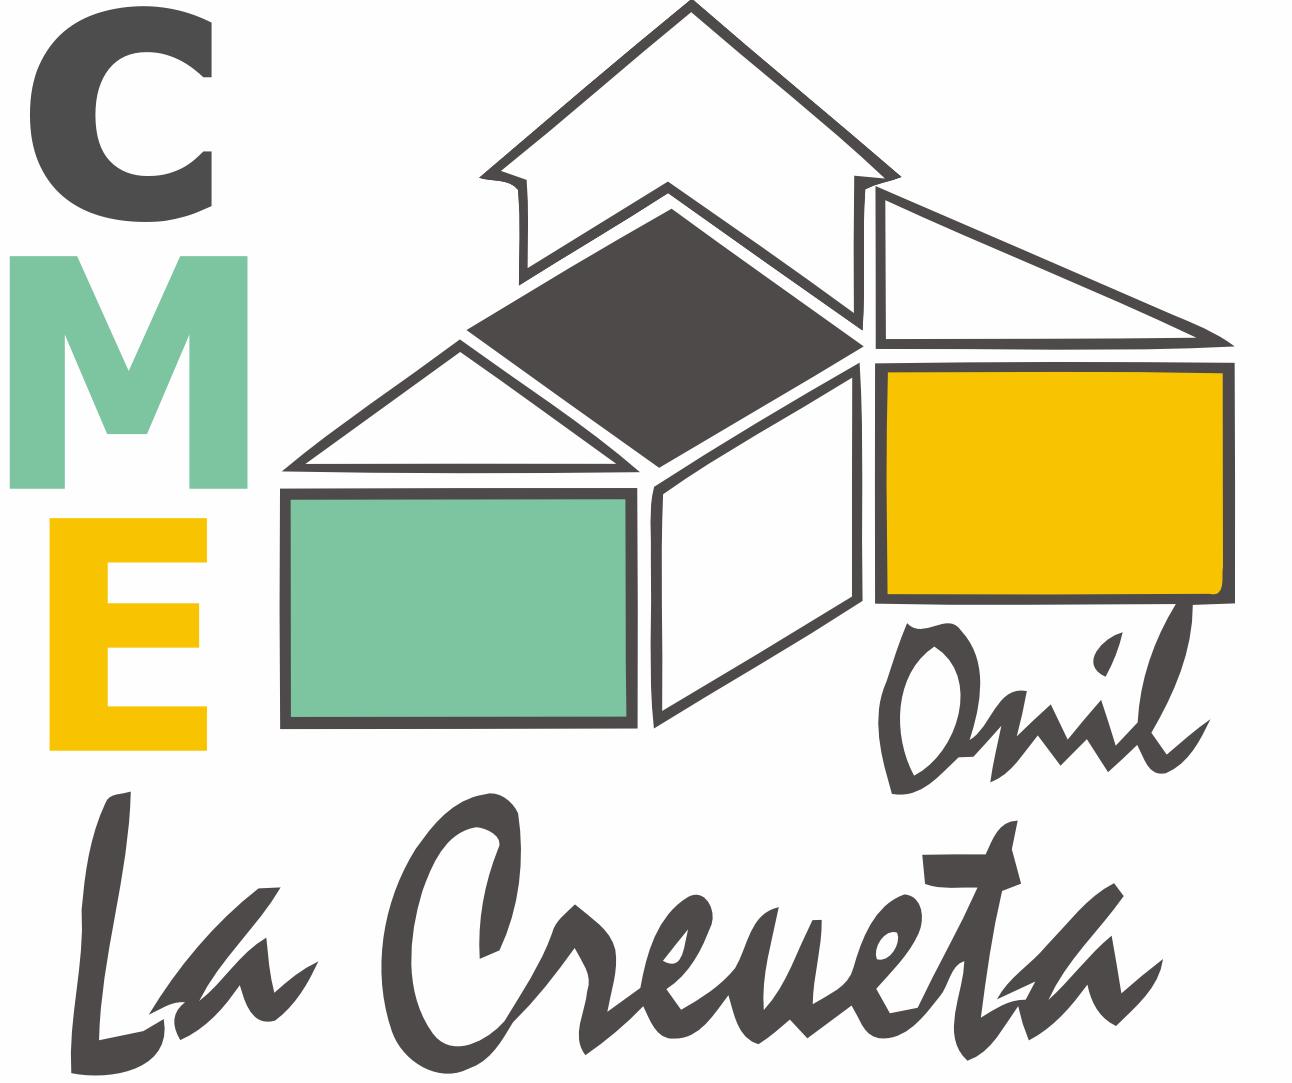 CME La Creueta